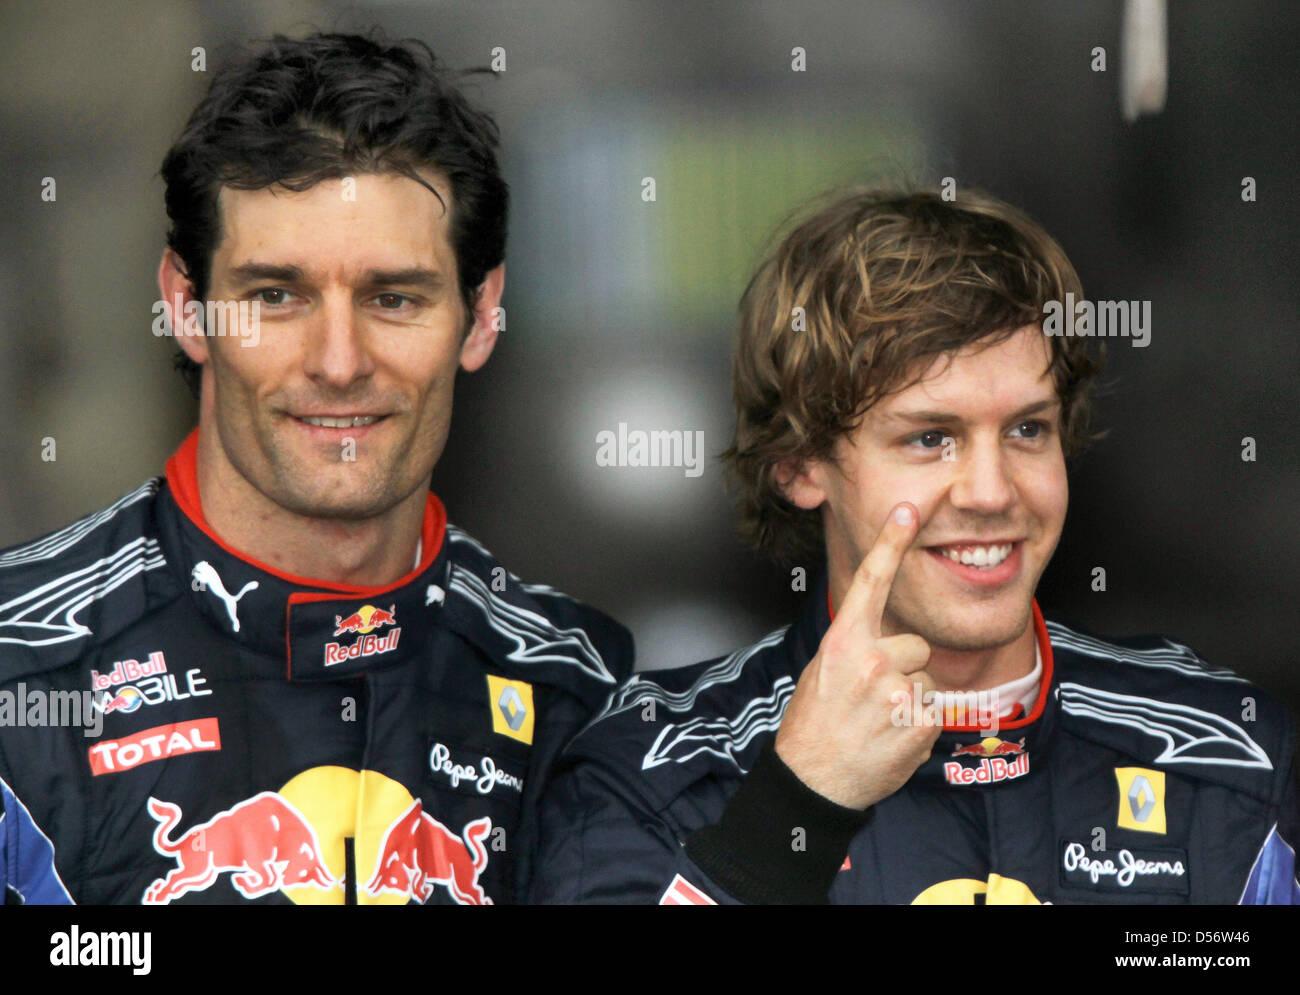 Deutsche Formel 1 Rennfahrer